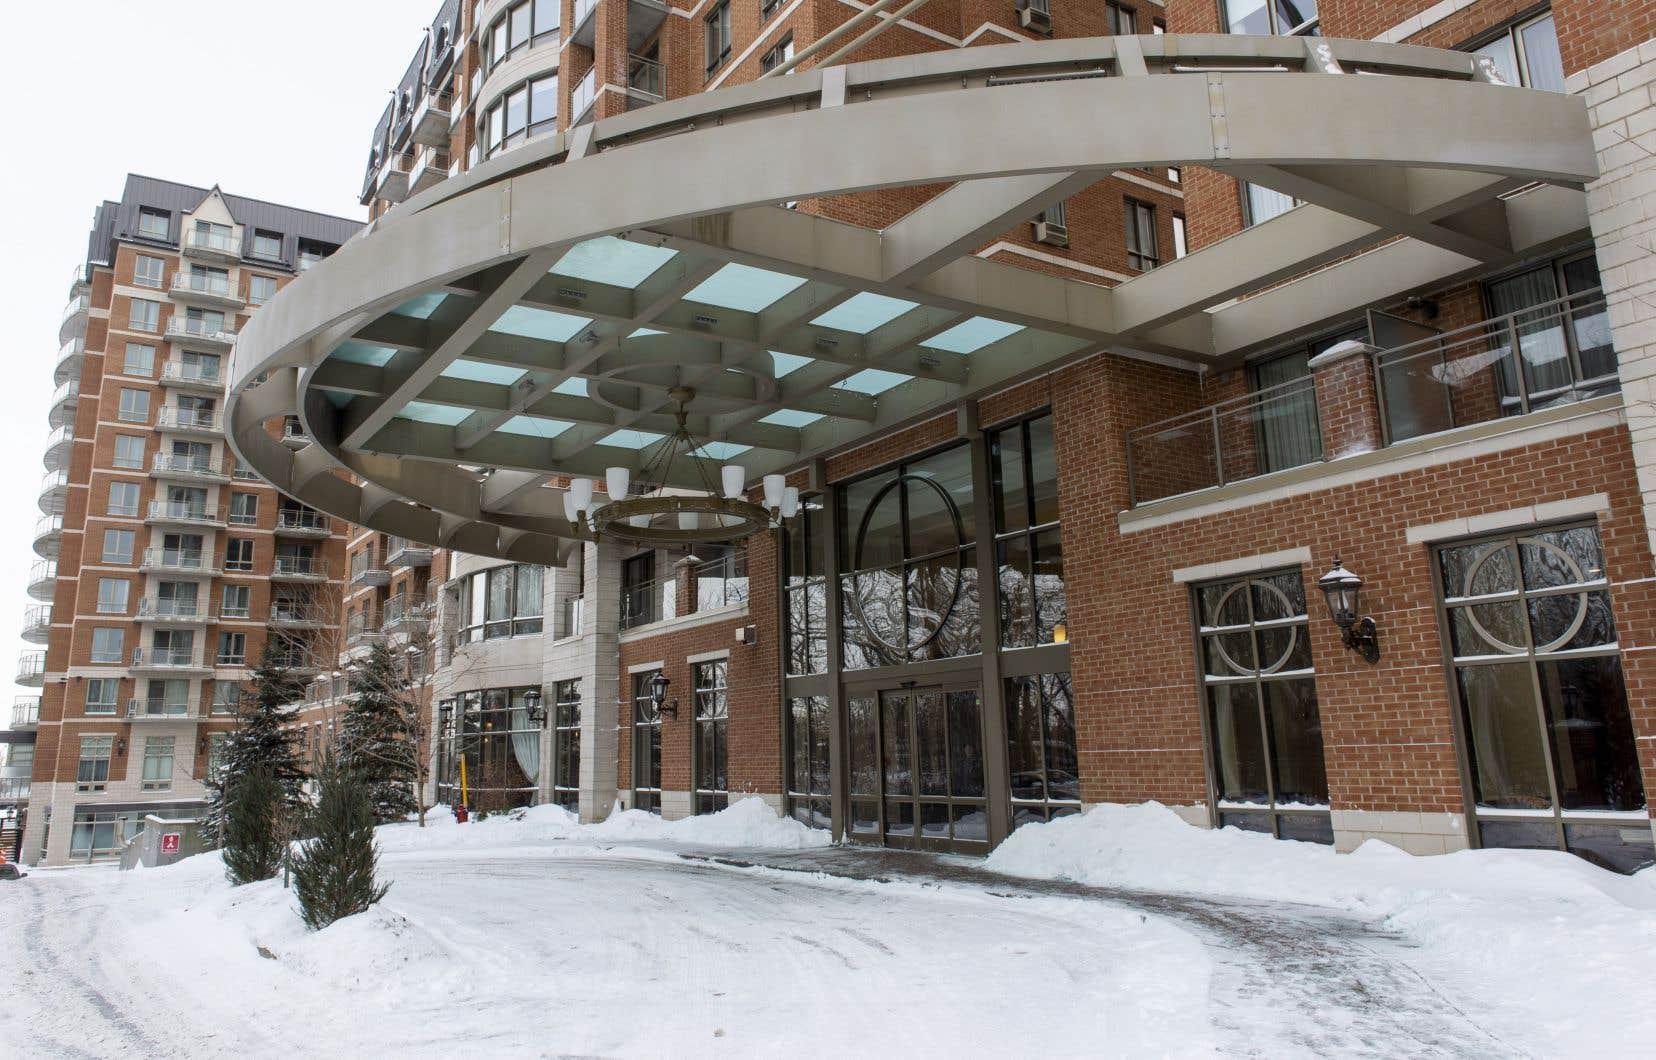 La résidence pour personnes âgées à l'extérieur de laquelle Hélène Rowley Hotte, la mère de Gilles Duceppe, avait trouvé la mort par une nuit glaciale, le 20 janvier dernier.